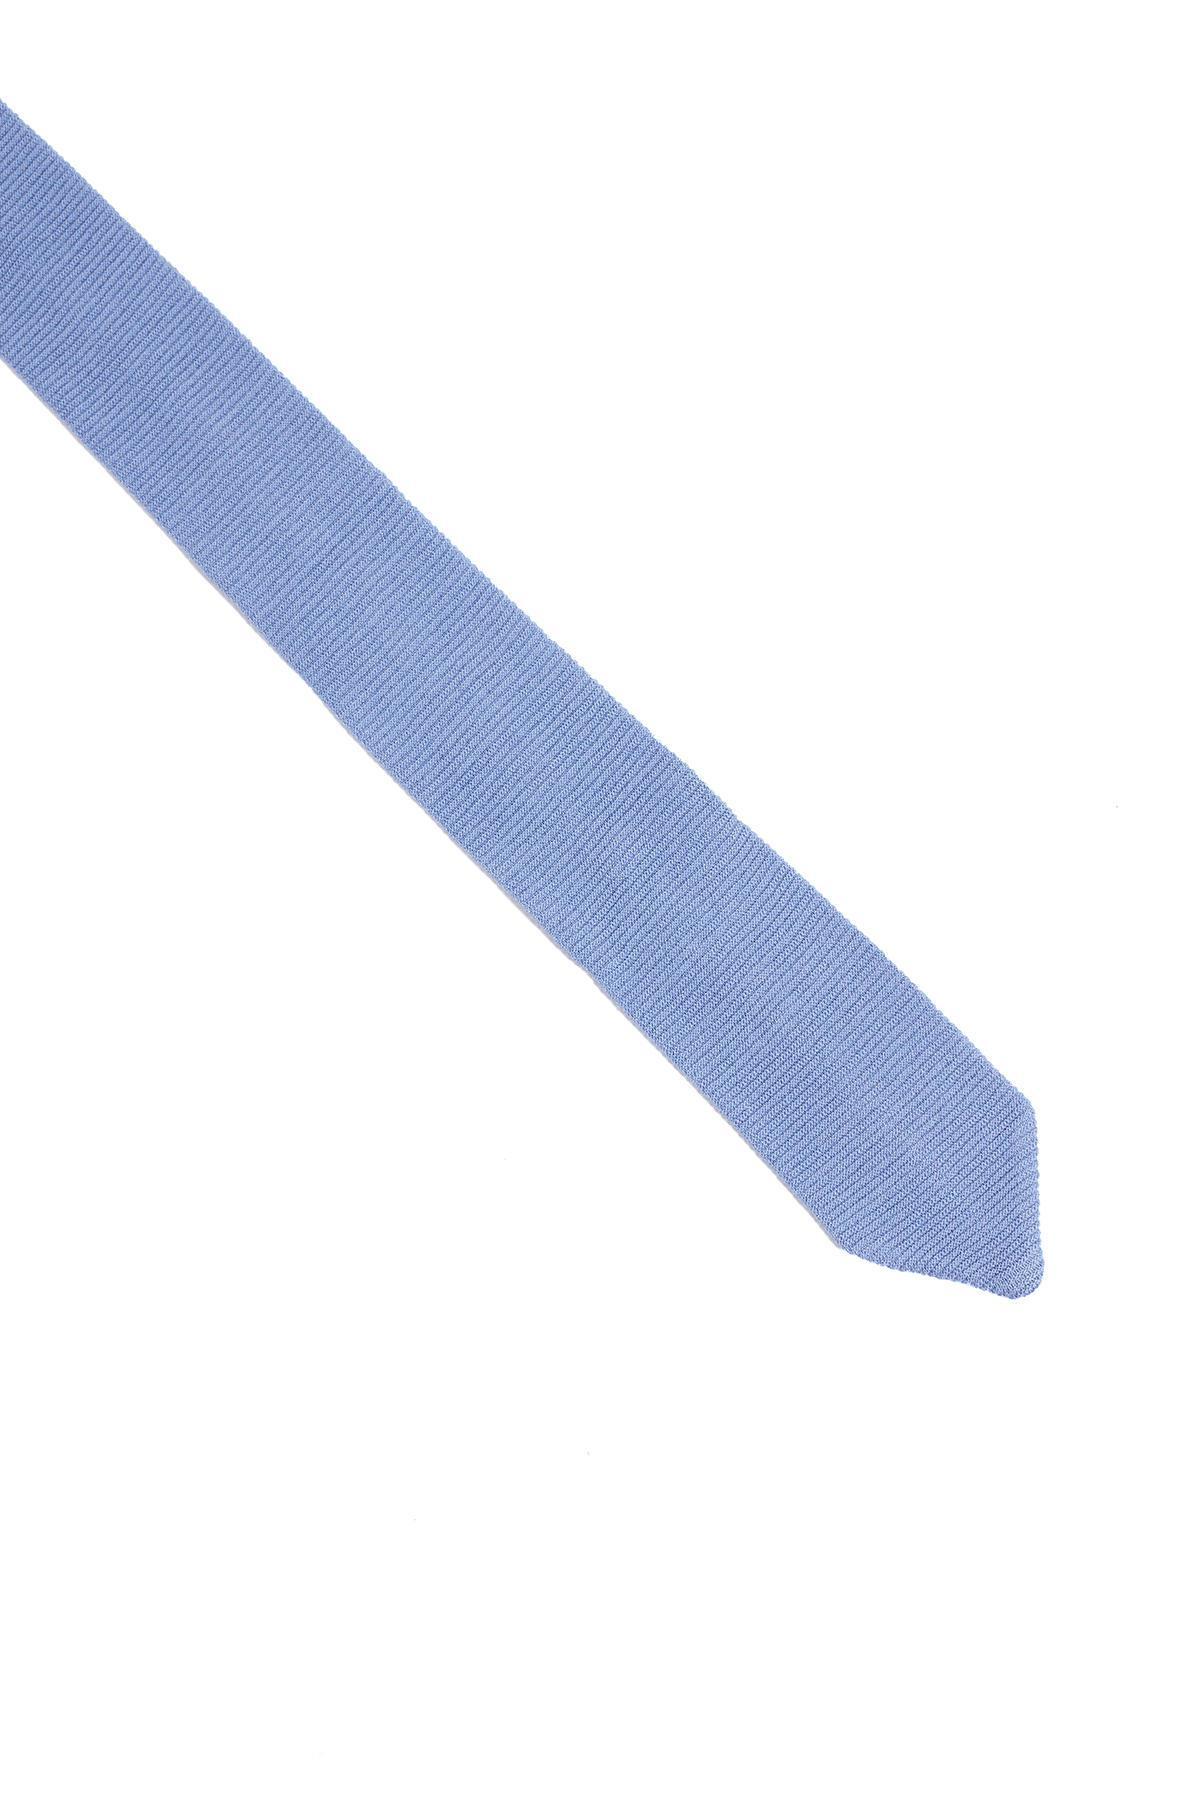 İpek Örgü Açık Mavi Kravat